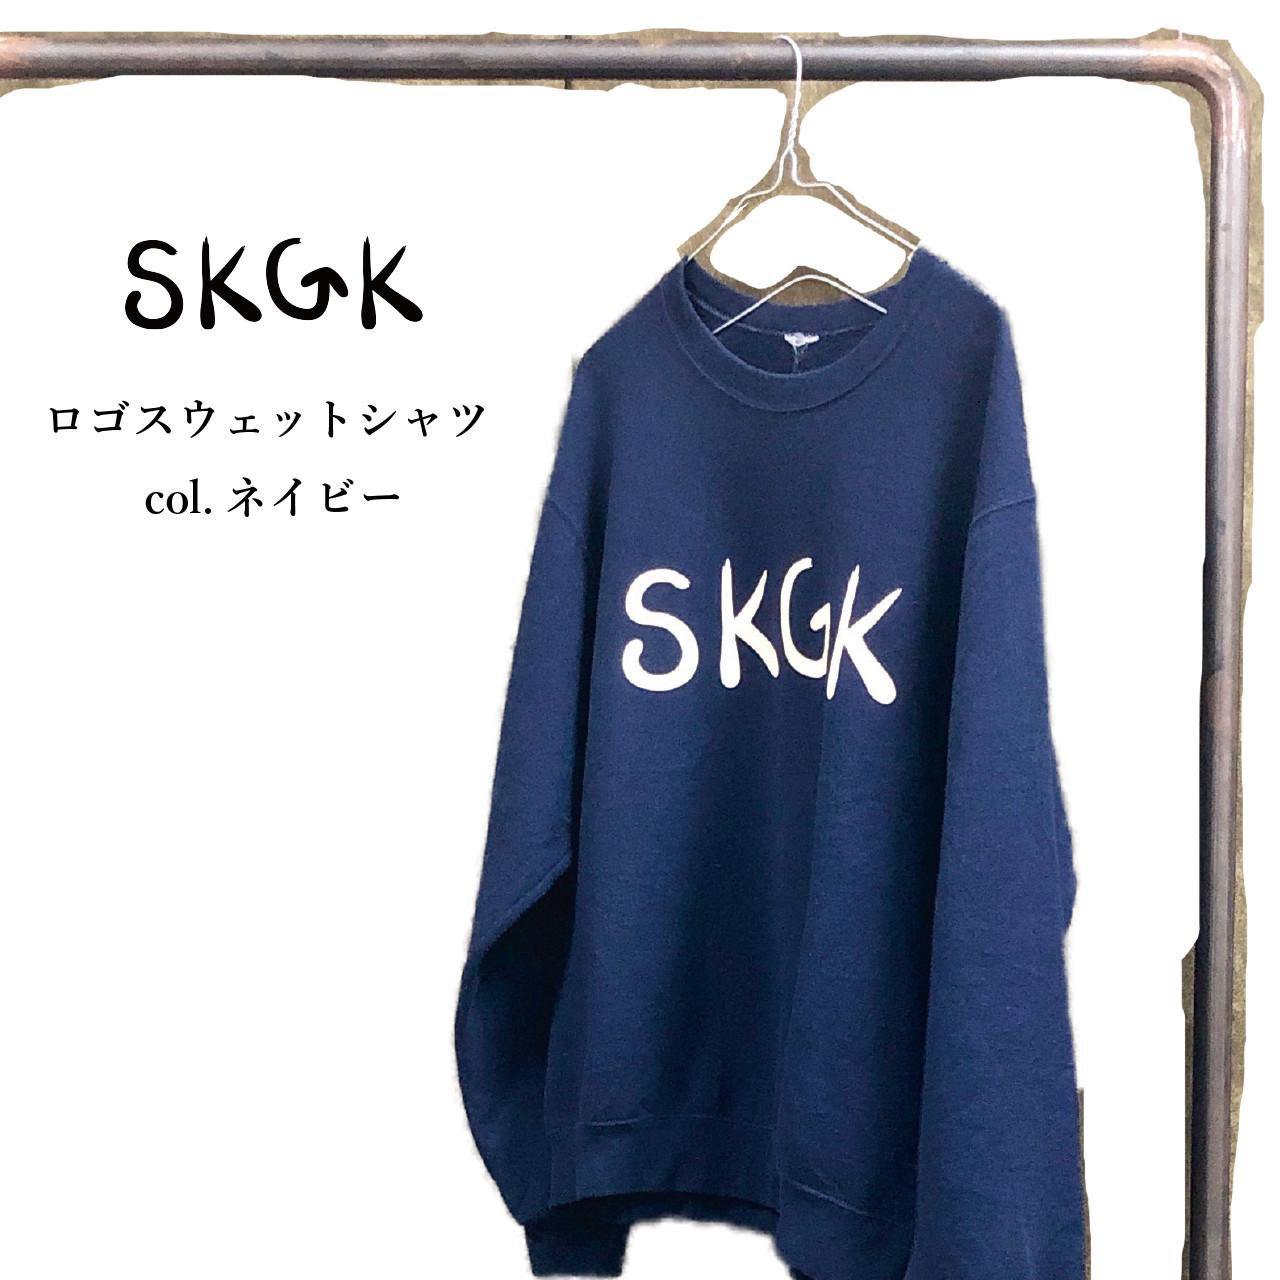 SKGK ロゴスウェットシャツ ネイビー